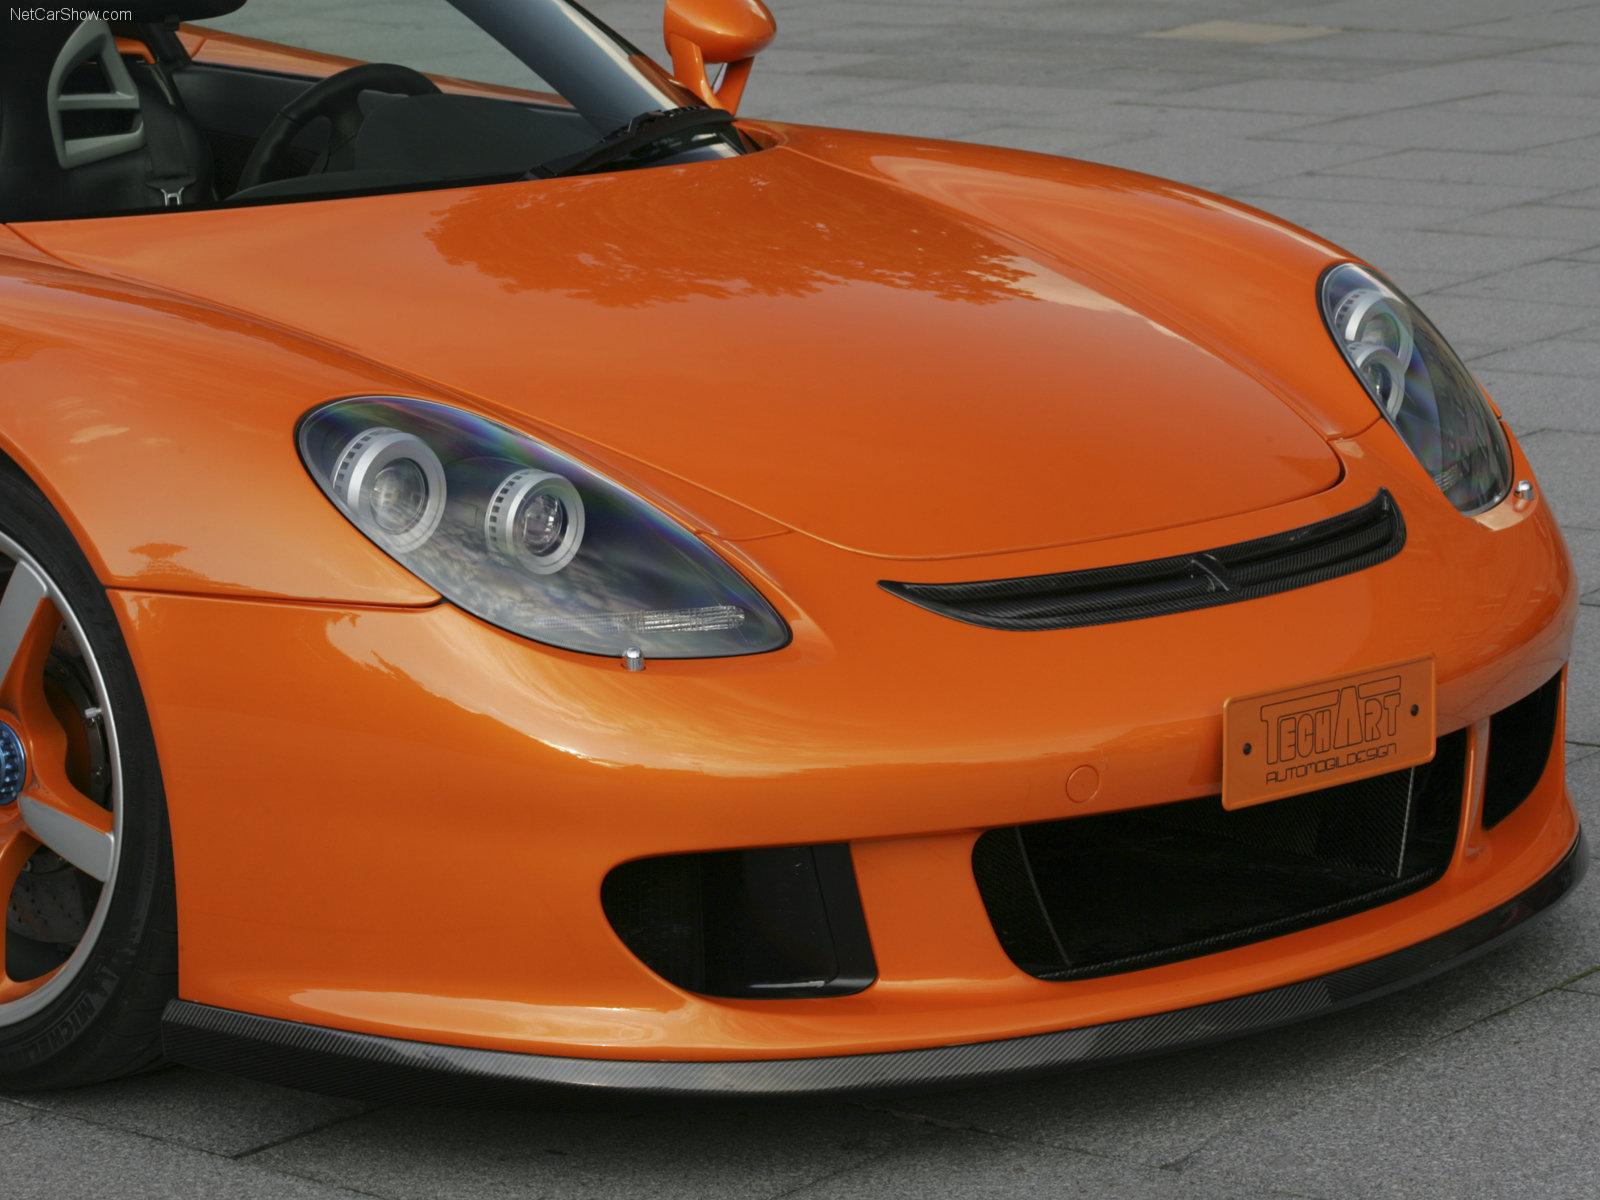 Hình ảnh xe ô tô TechArt Porsche Carrera GT 2007 & nội ngoại thất